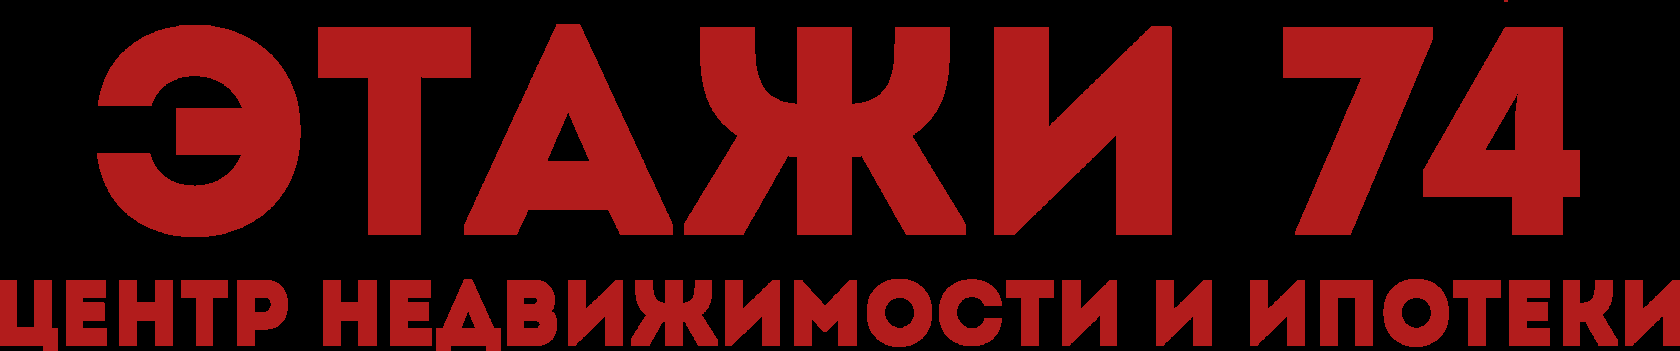 etagi74 .ru